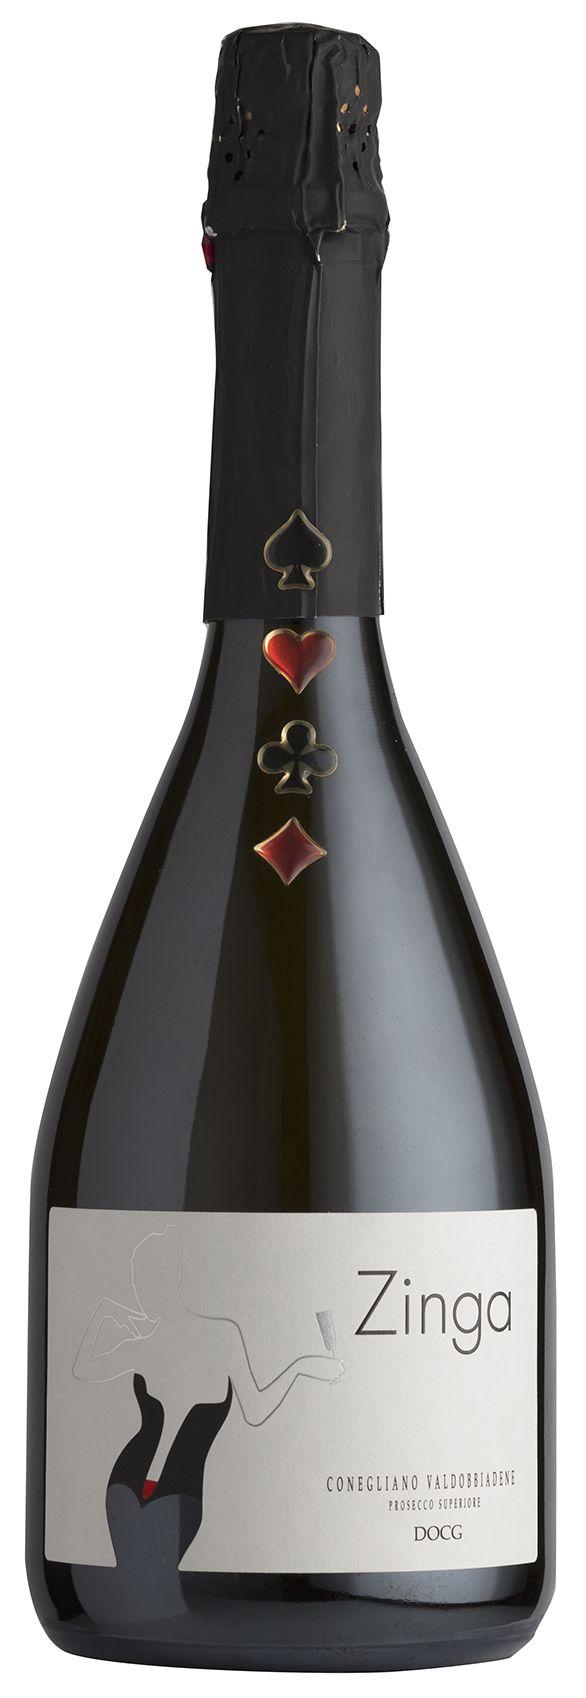 Conegliano Valdobbiadene Prosecco DOCG - Zinga #winelabel #winedesign #italianwine #Francescon #Collodi #francesconcollodi